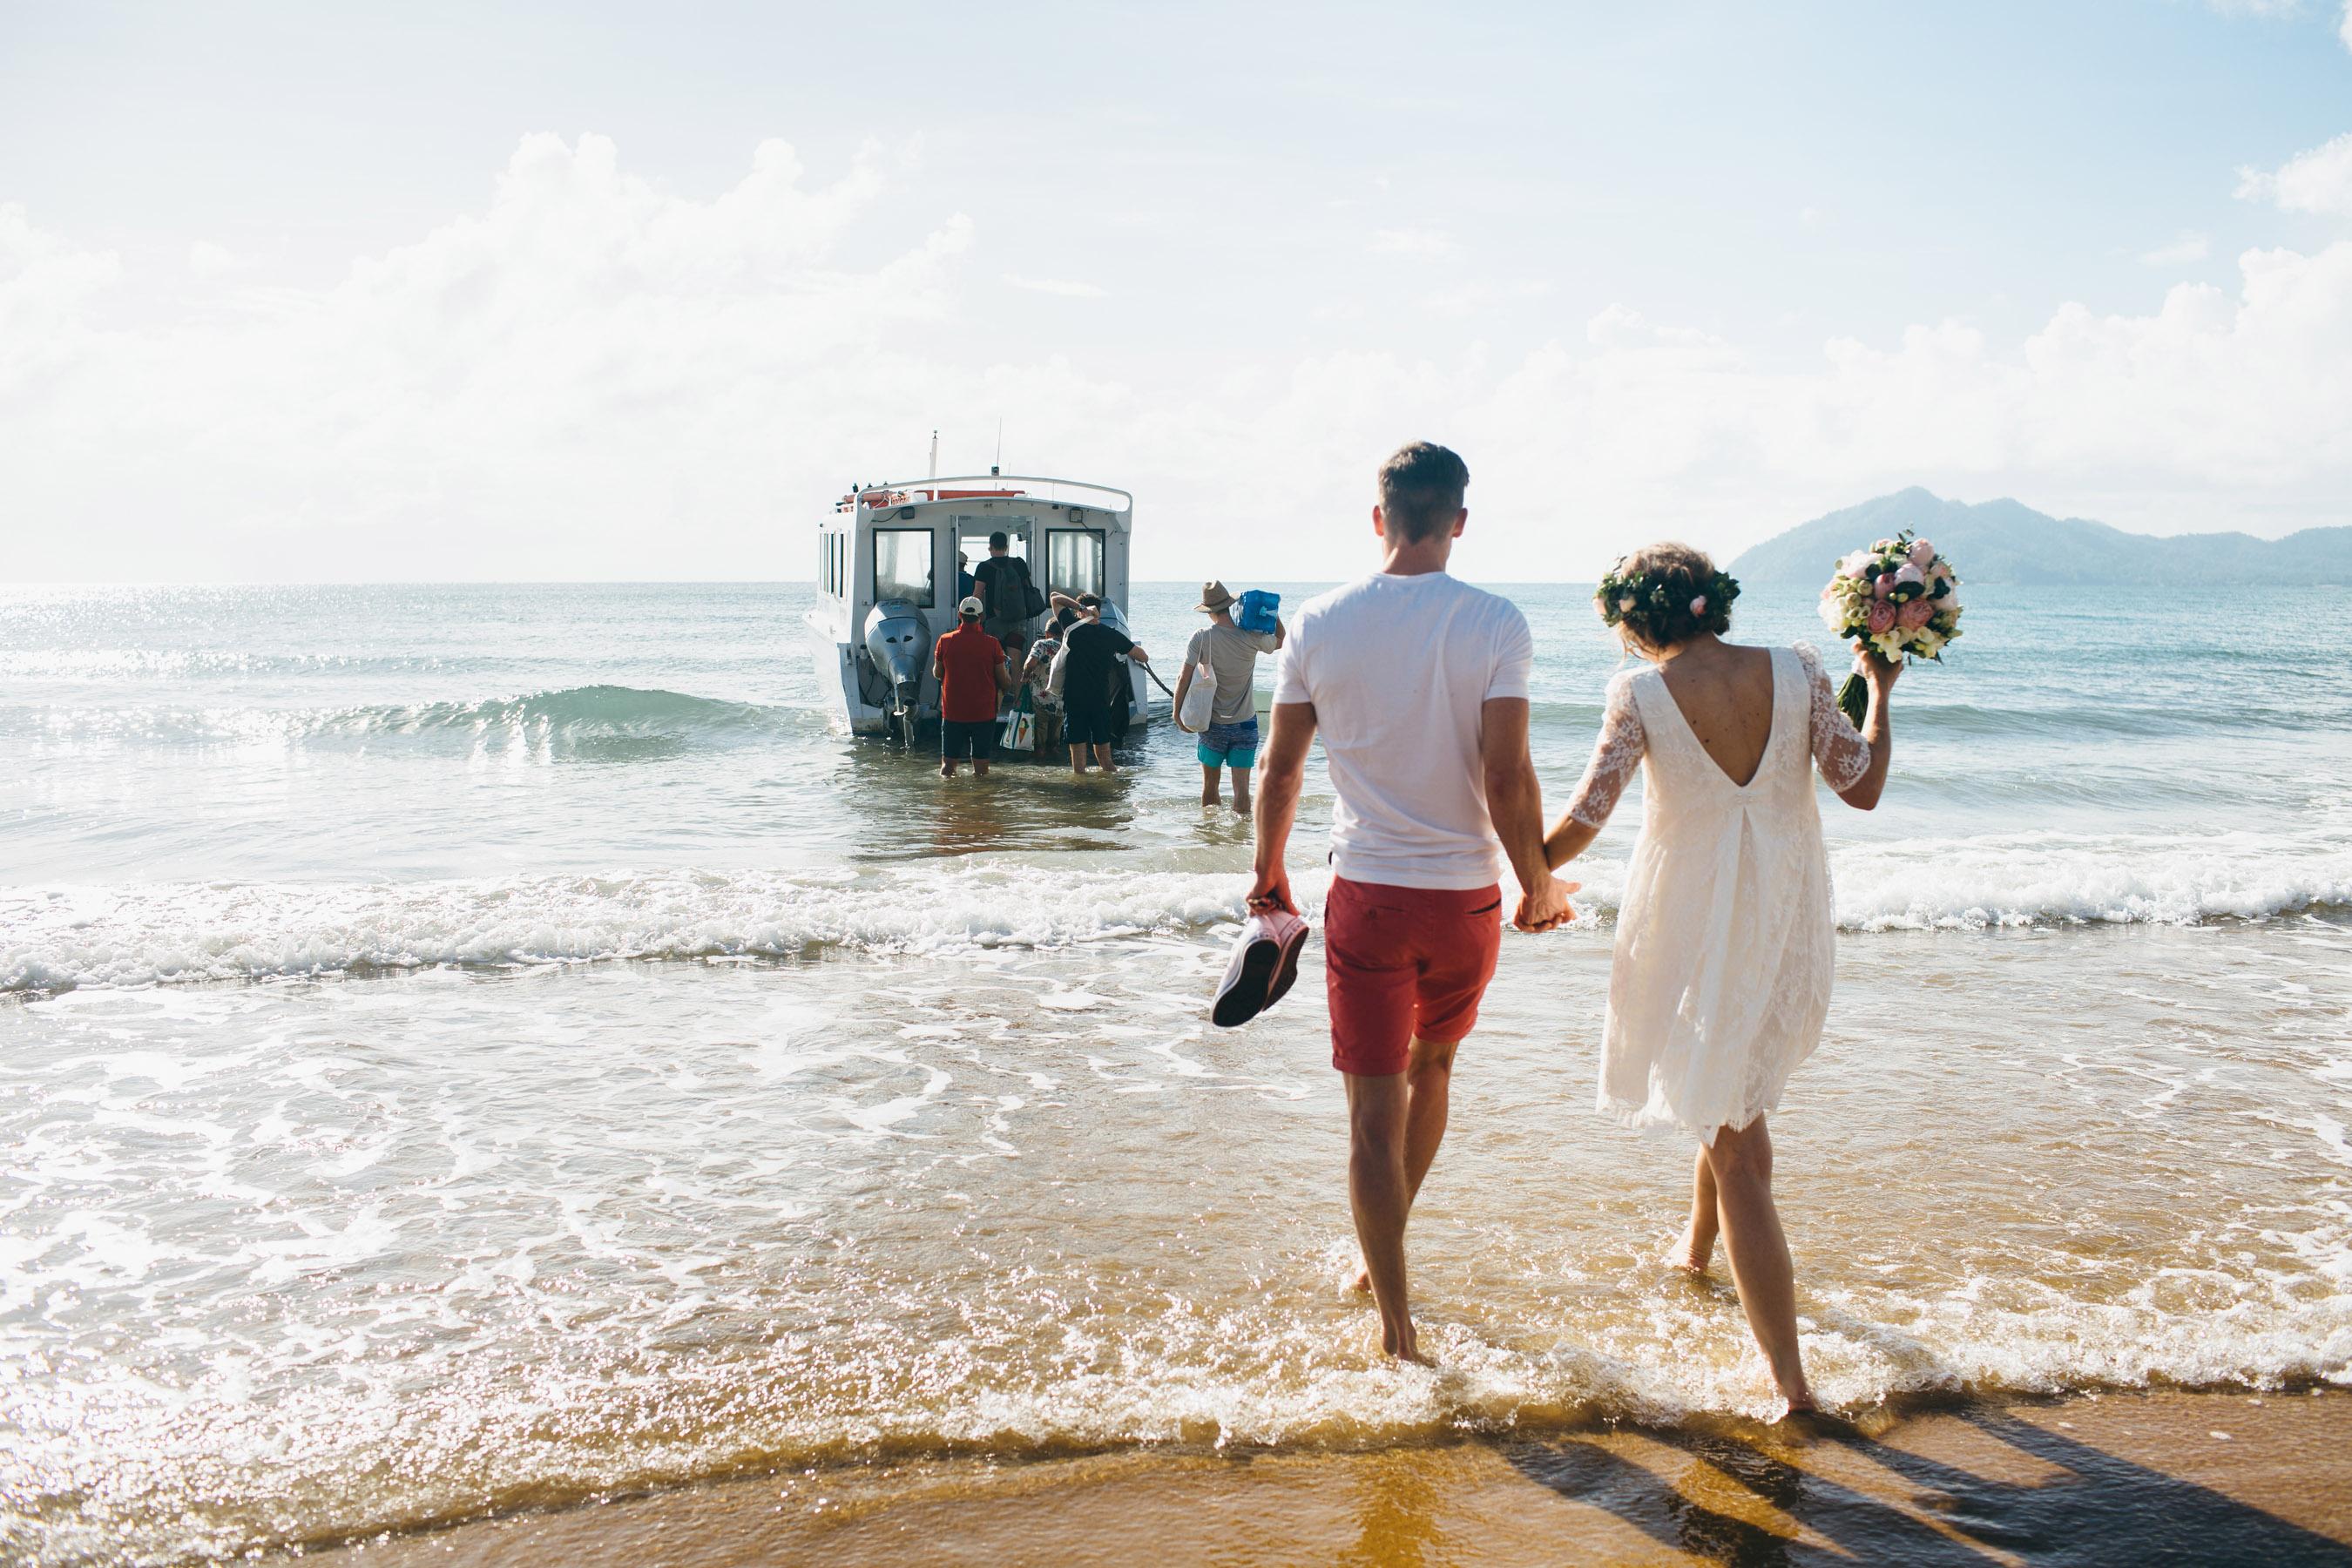 mission beach wedding